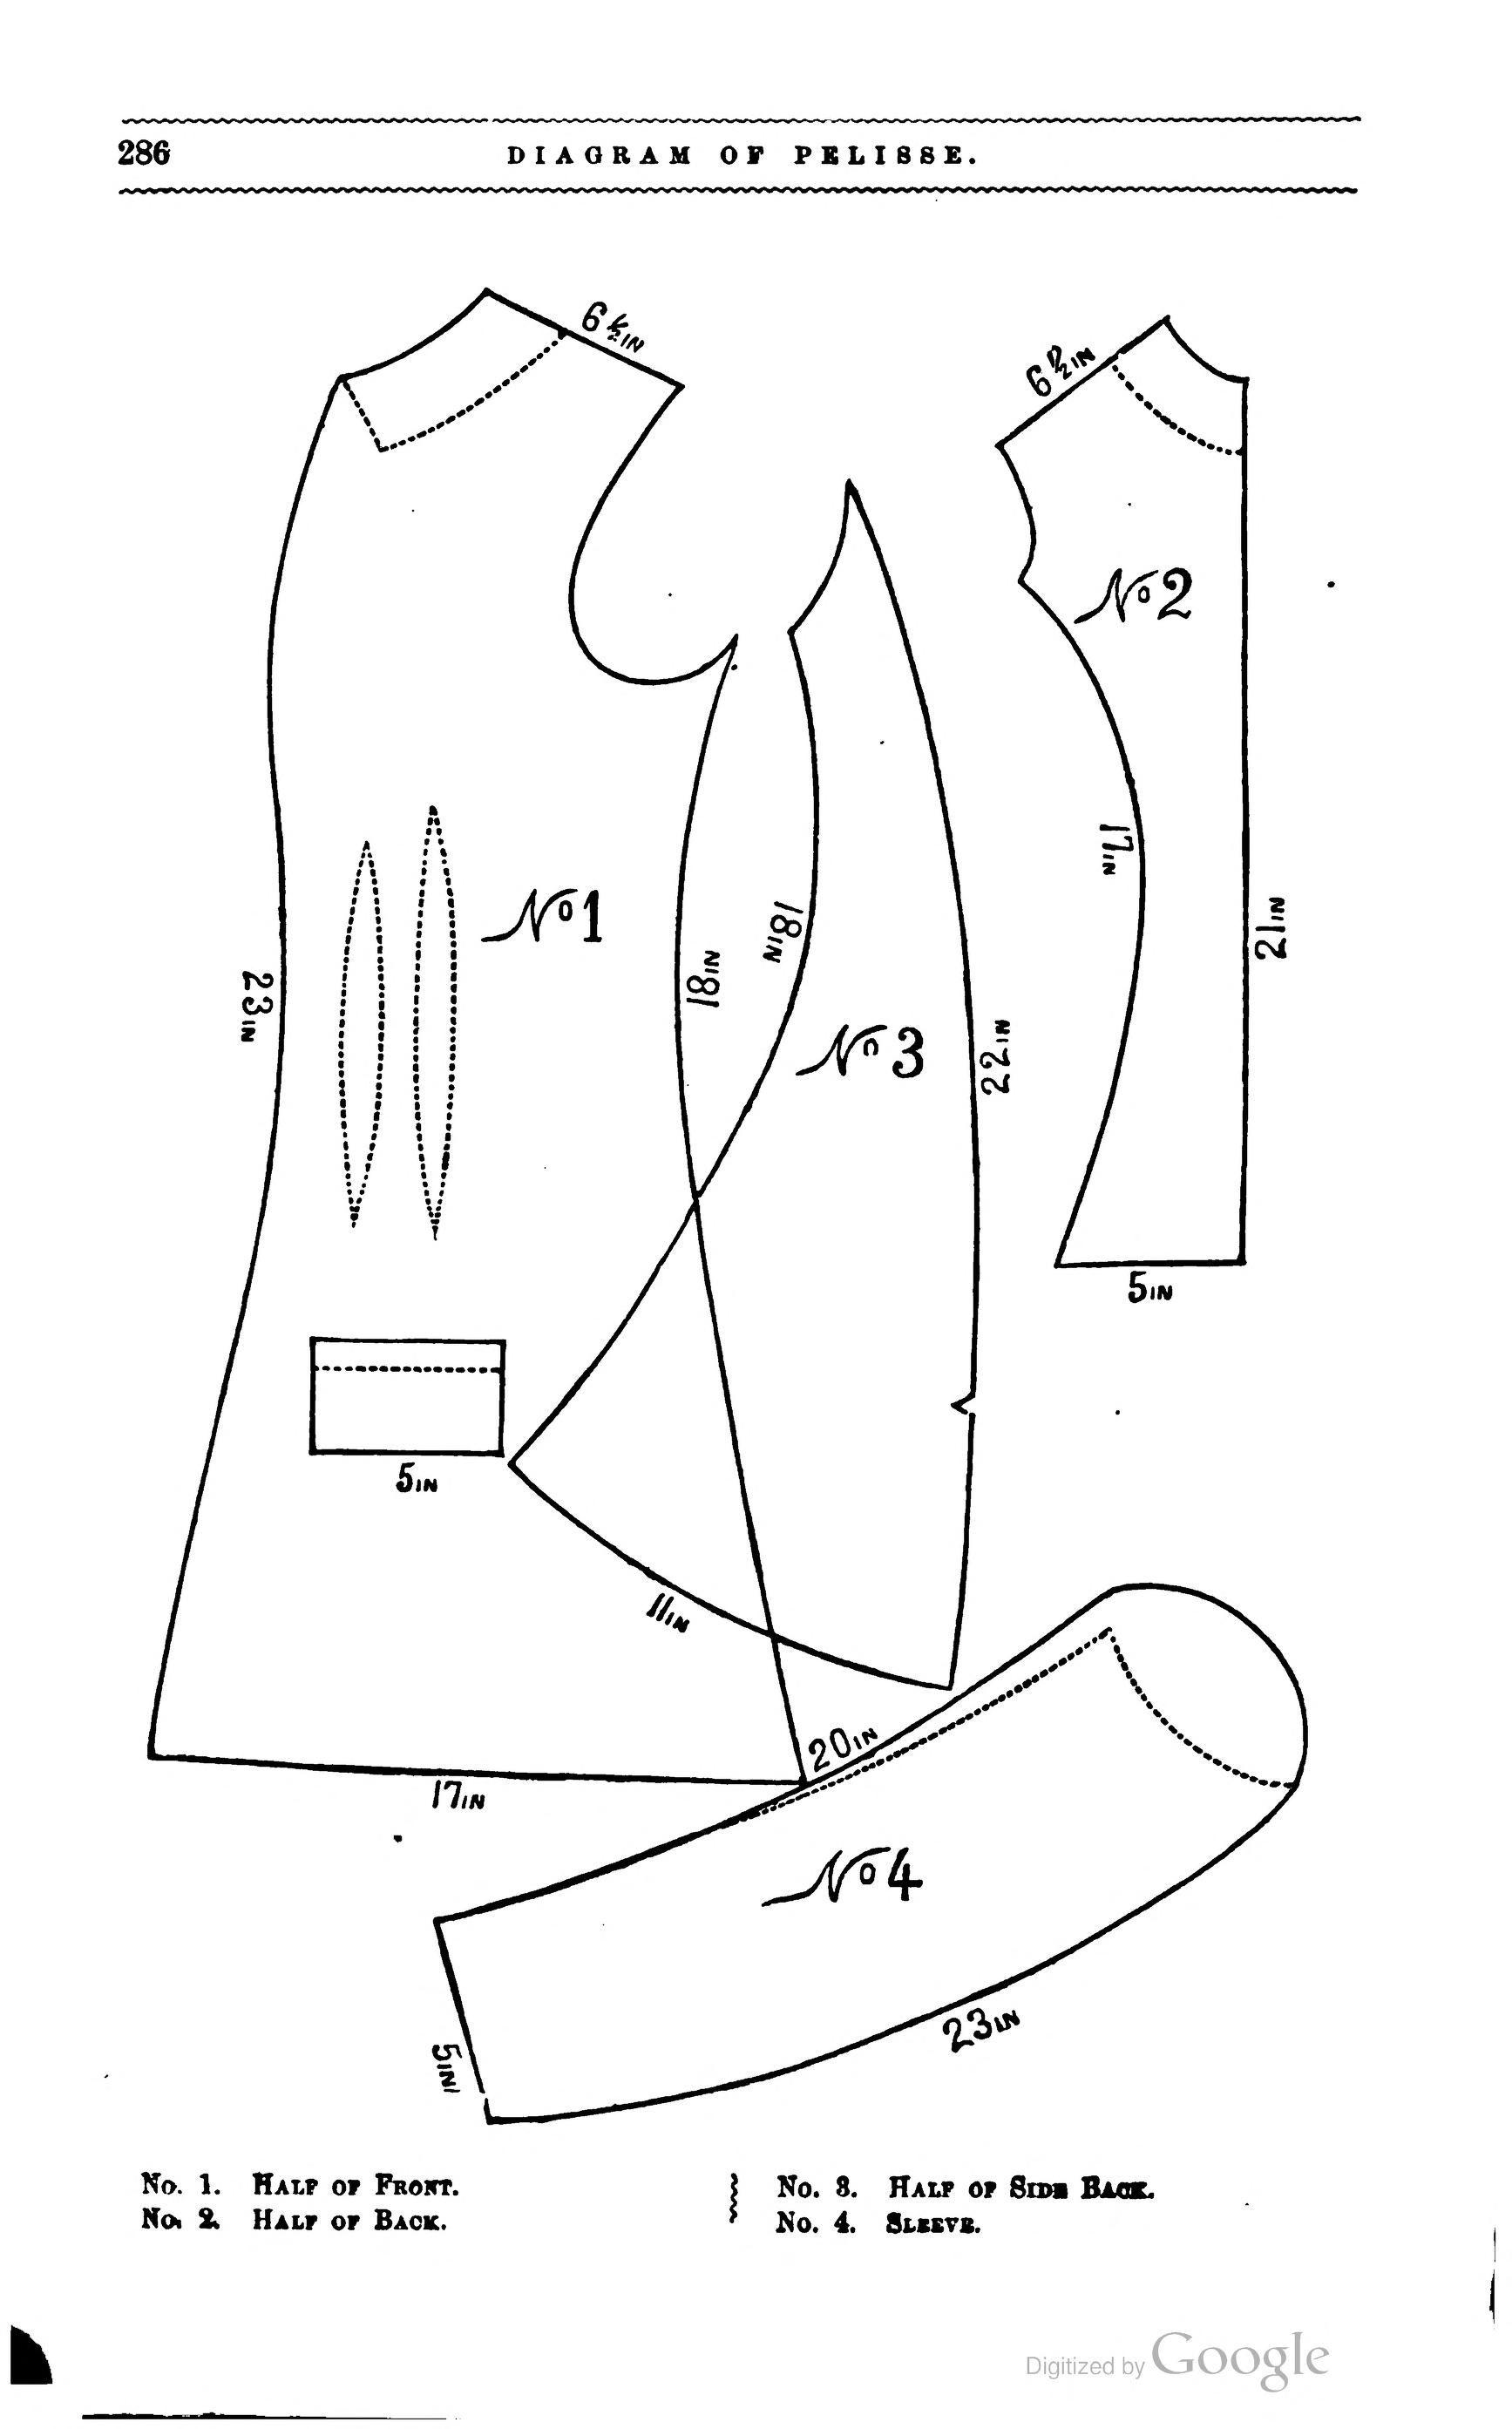 Peterson S Magazine Diagram Of Pelisse